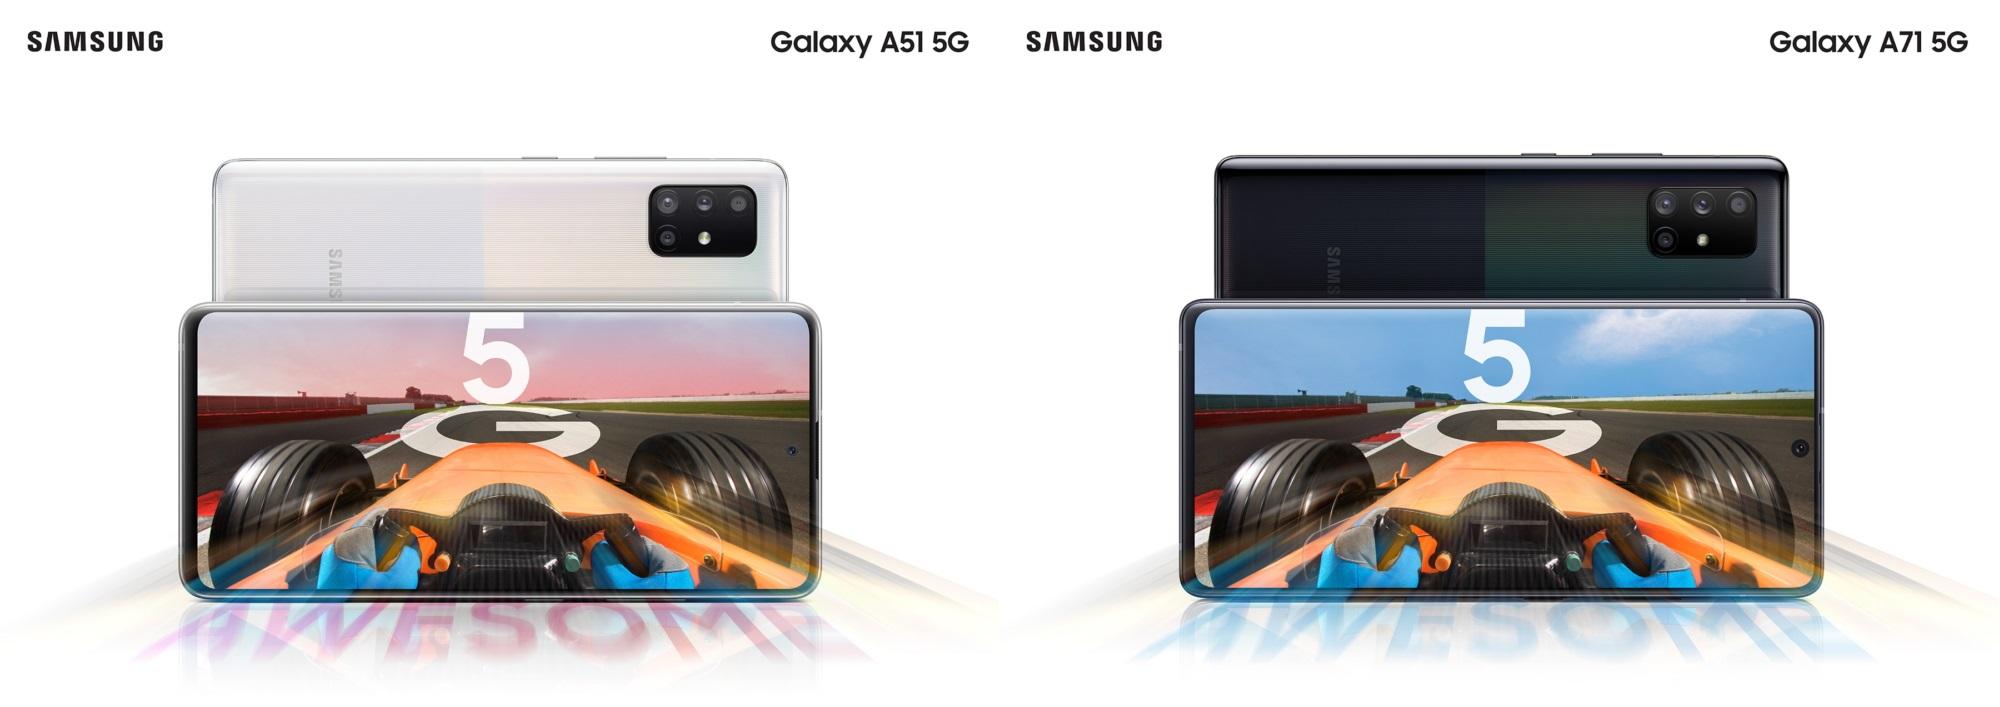 Samsung Galaxy A51 5G & Galaxy A71 5G smartphone